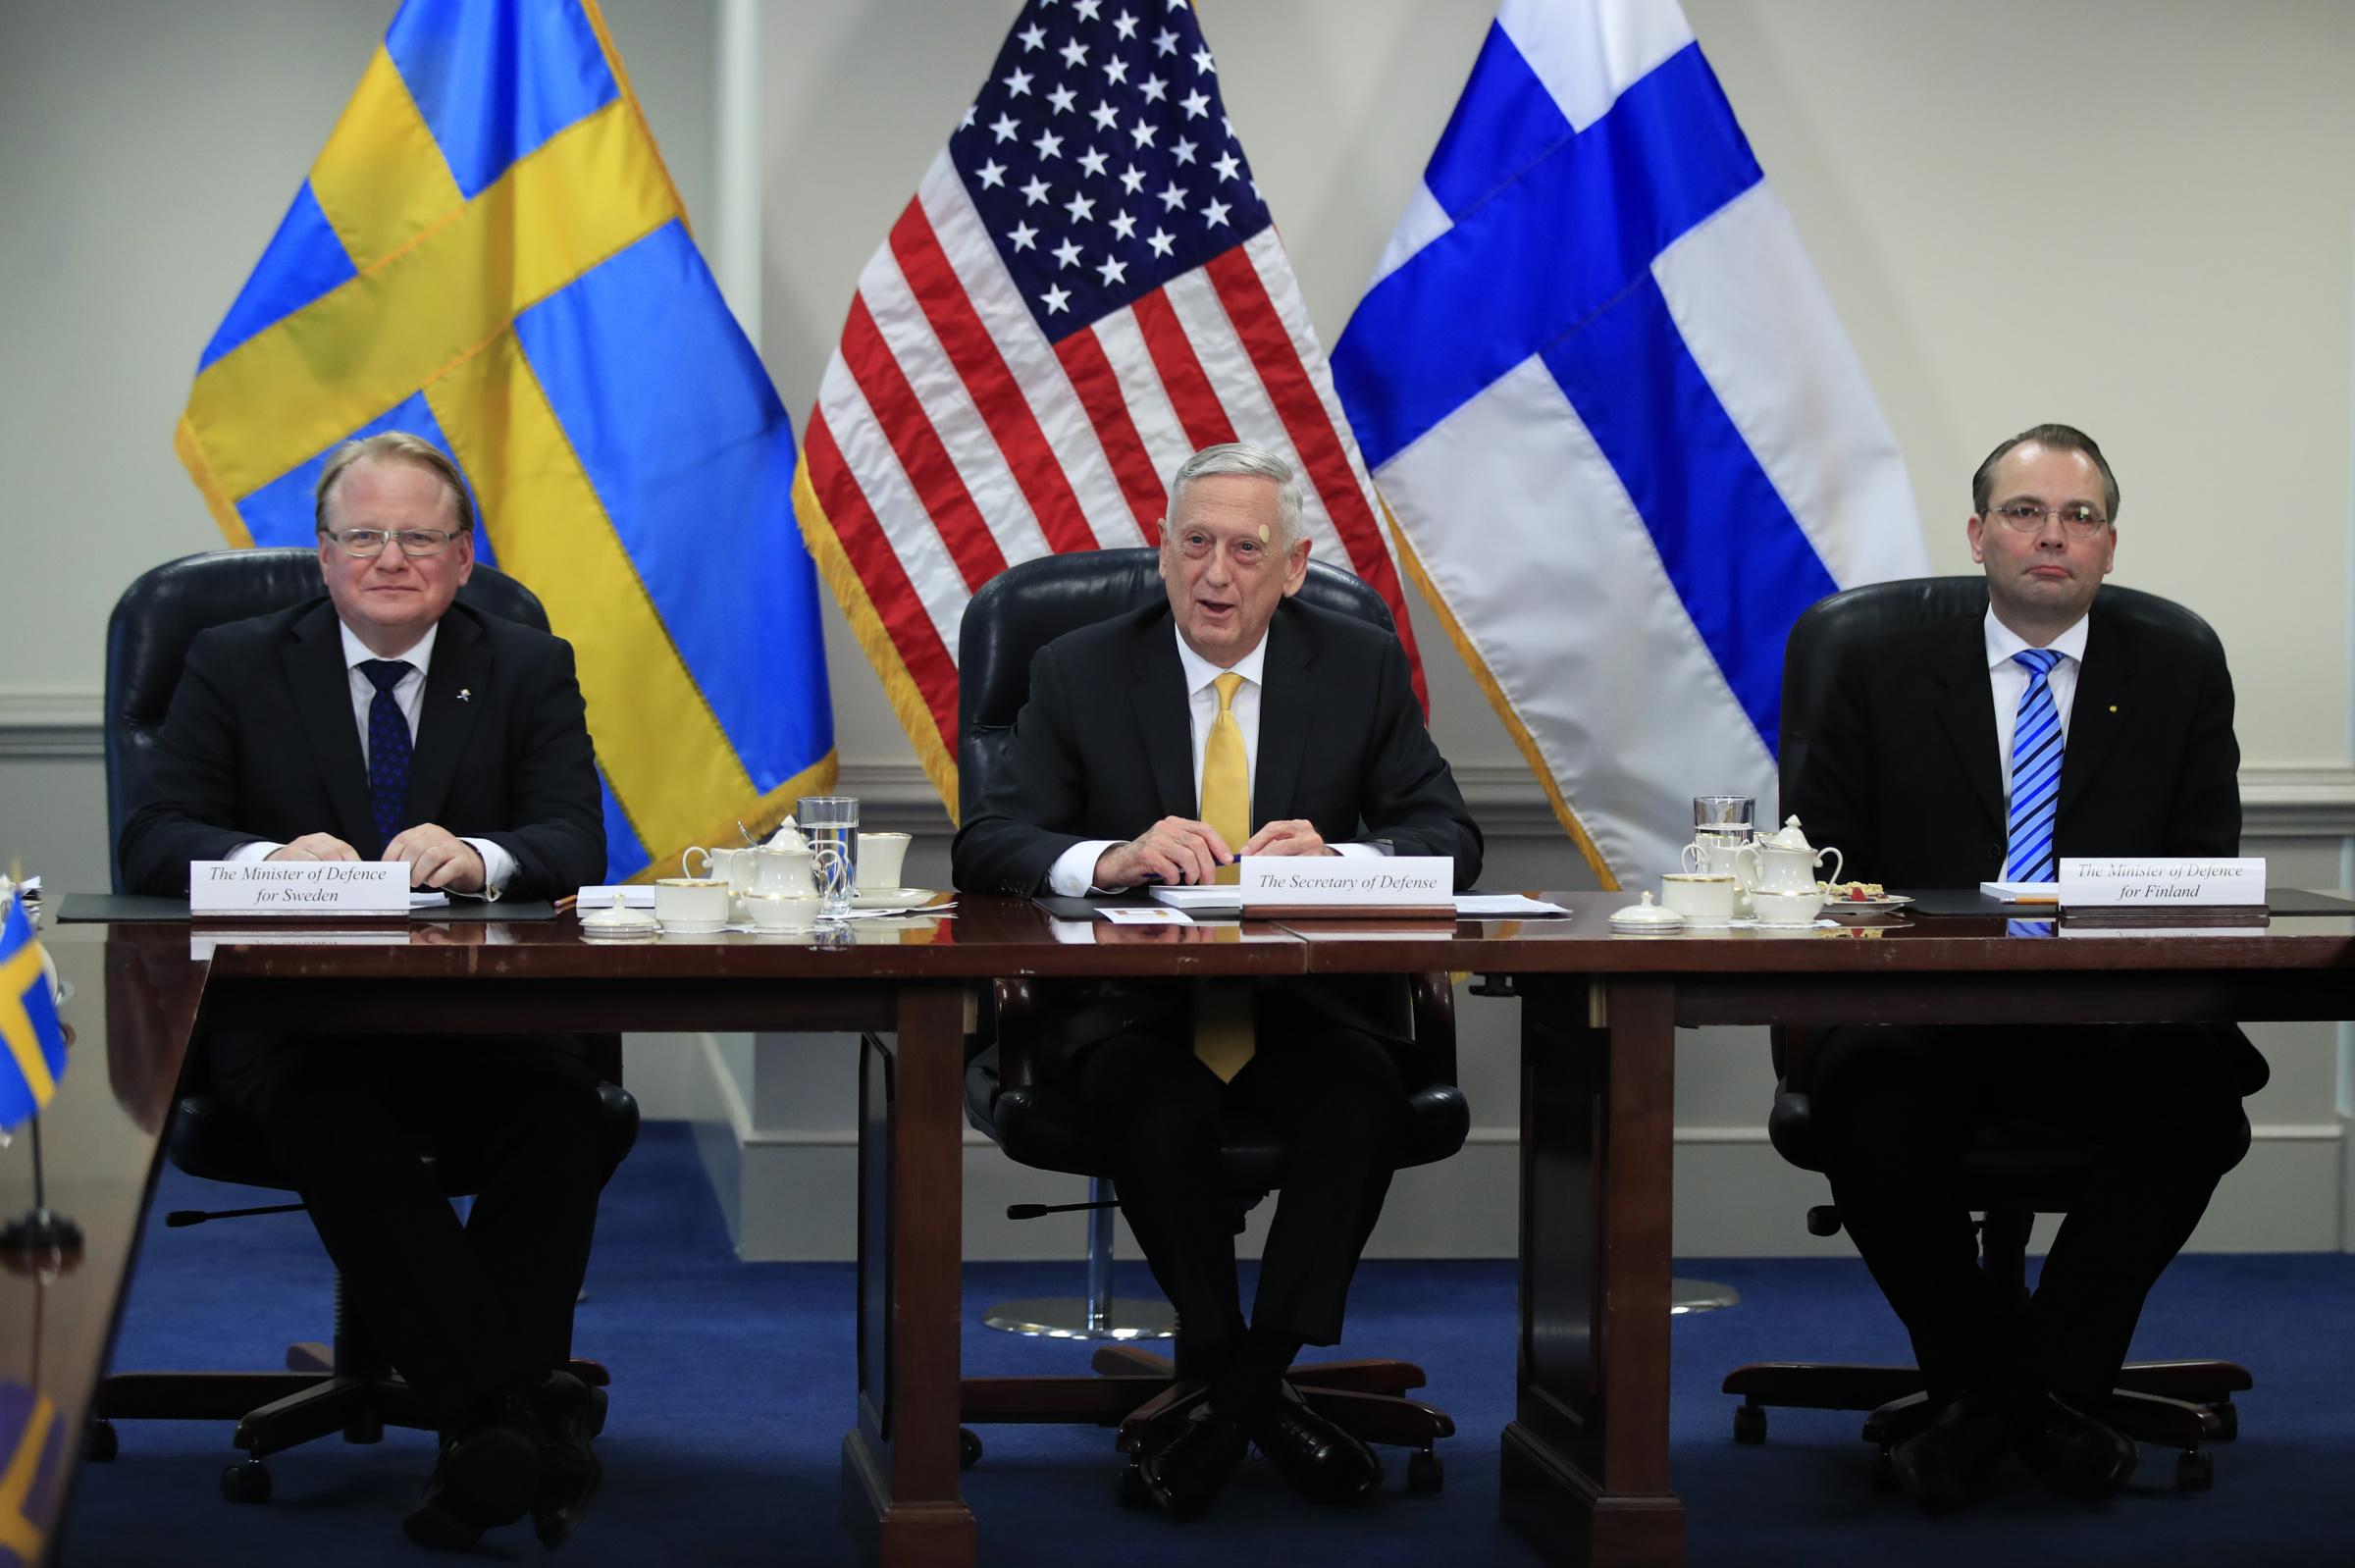 Image for США, Финляндия и Швеция: Трехстороннее заявление о намерениях в сфере оборонных интересов